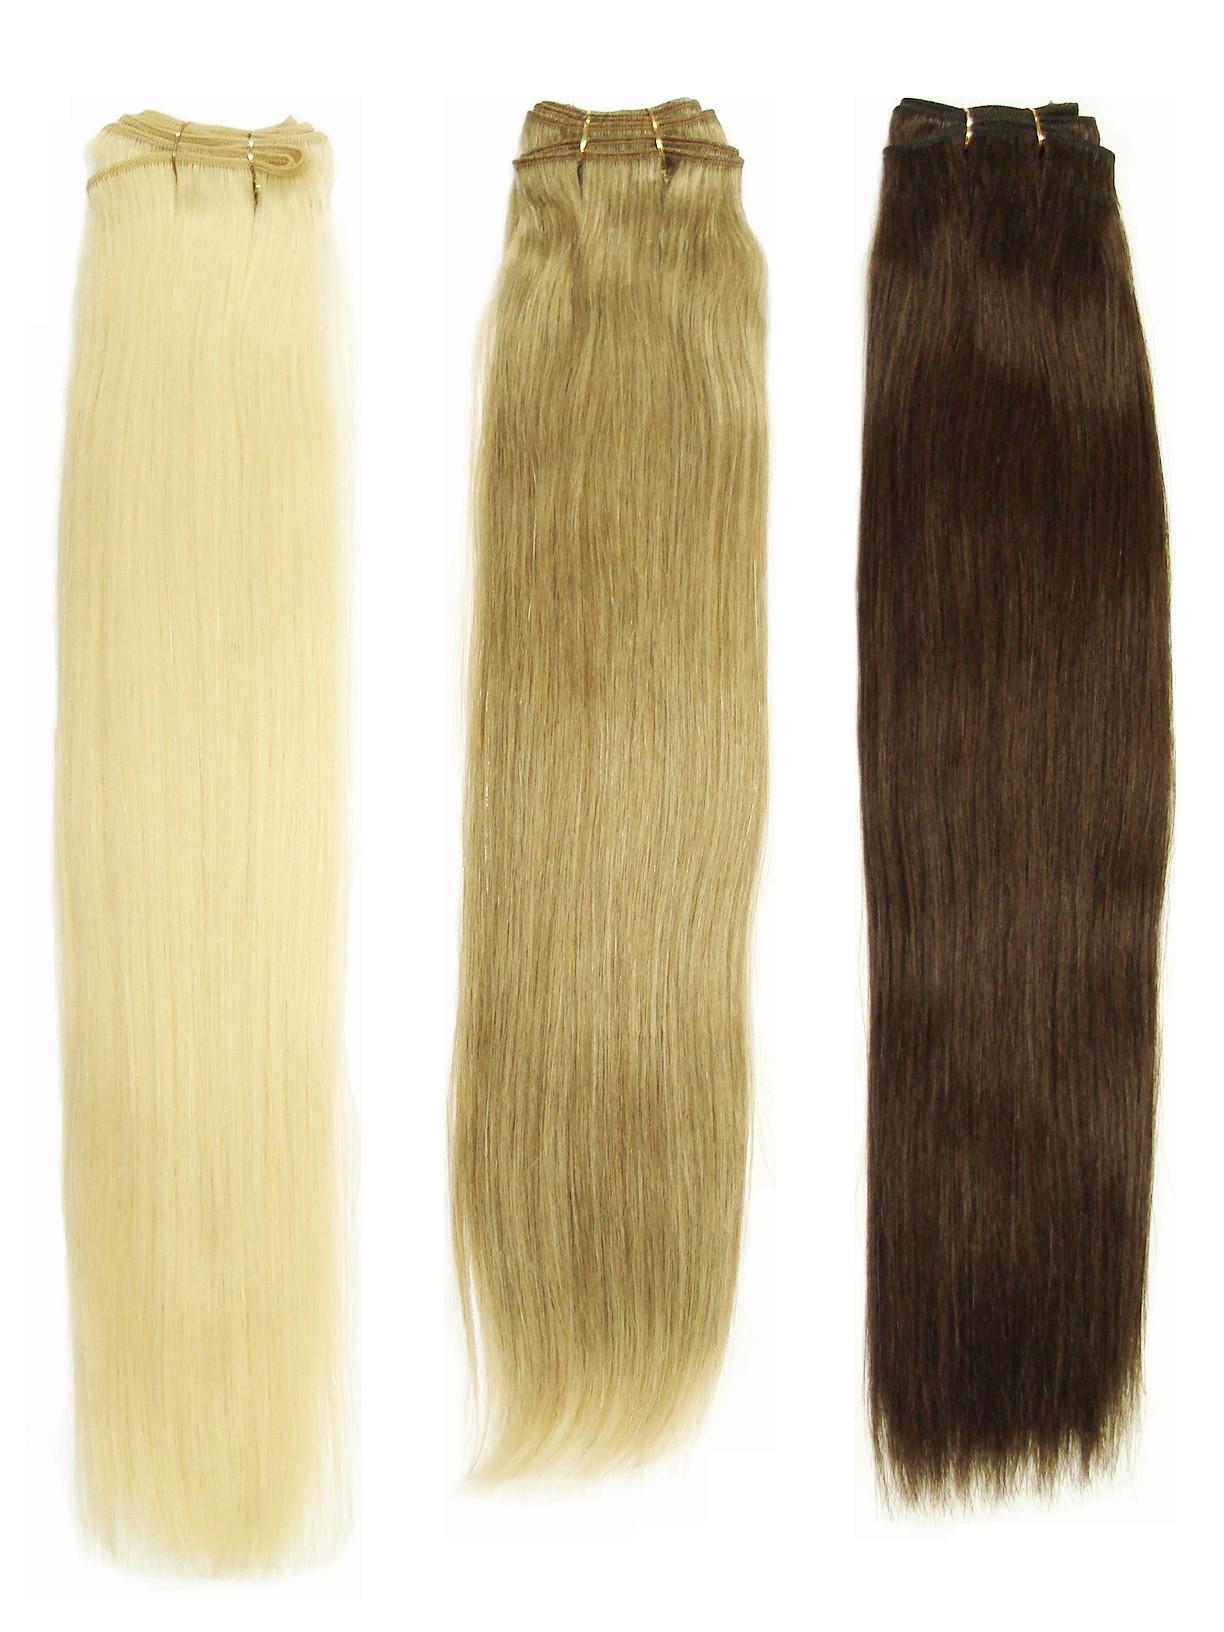 Спб волосы купить